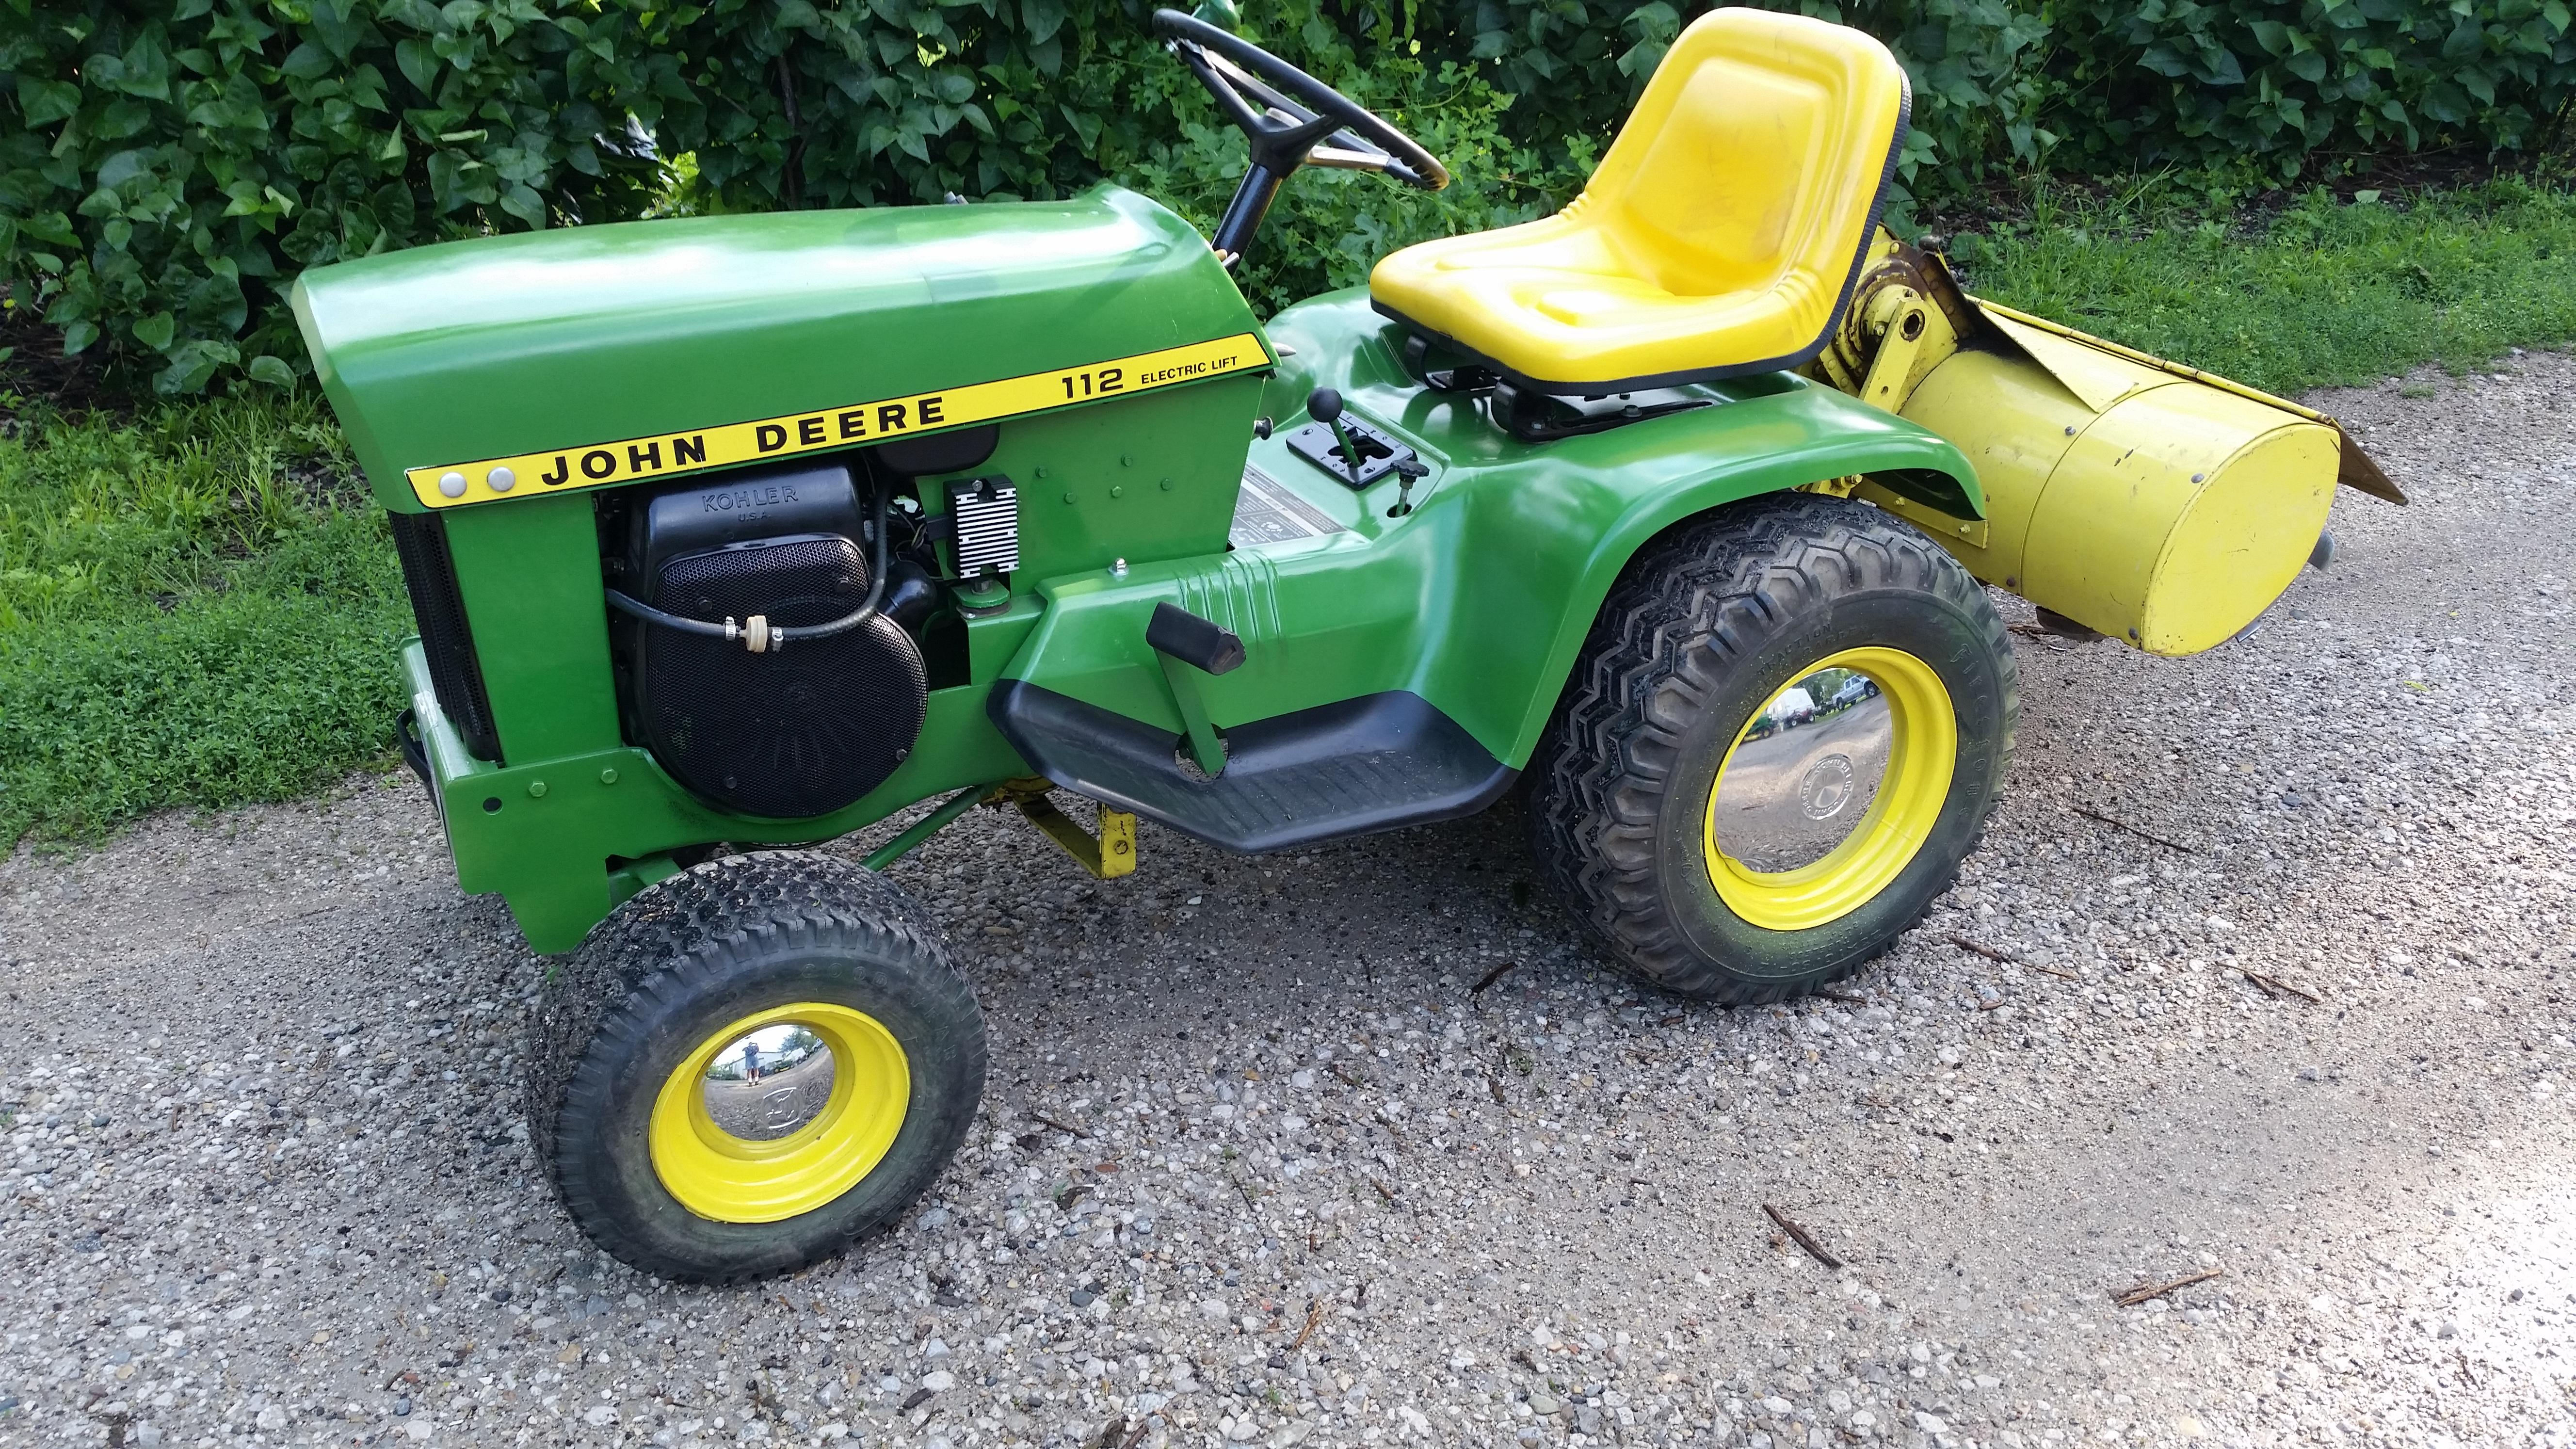 1974 John Deere 110 112 140 Lawn Tractors Ad 260737186347 ...